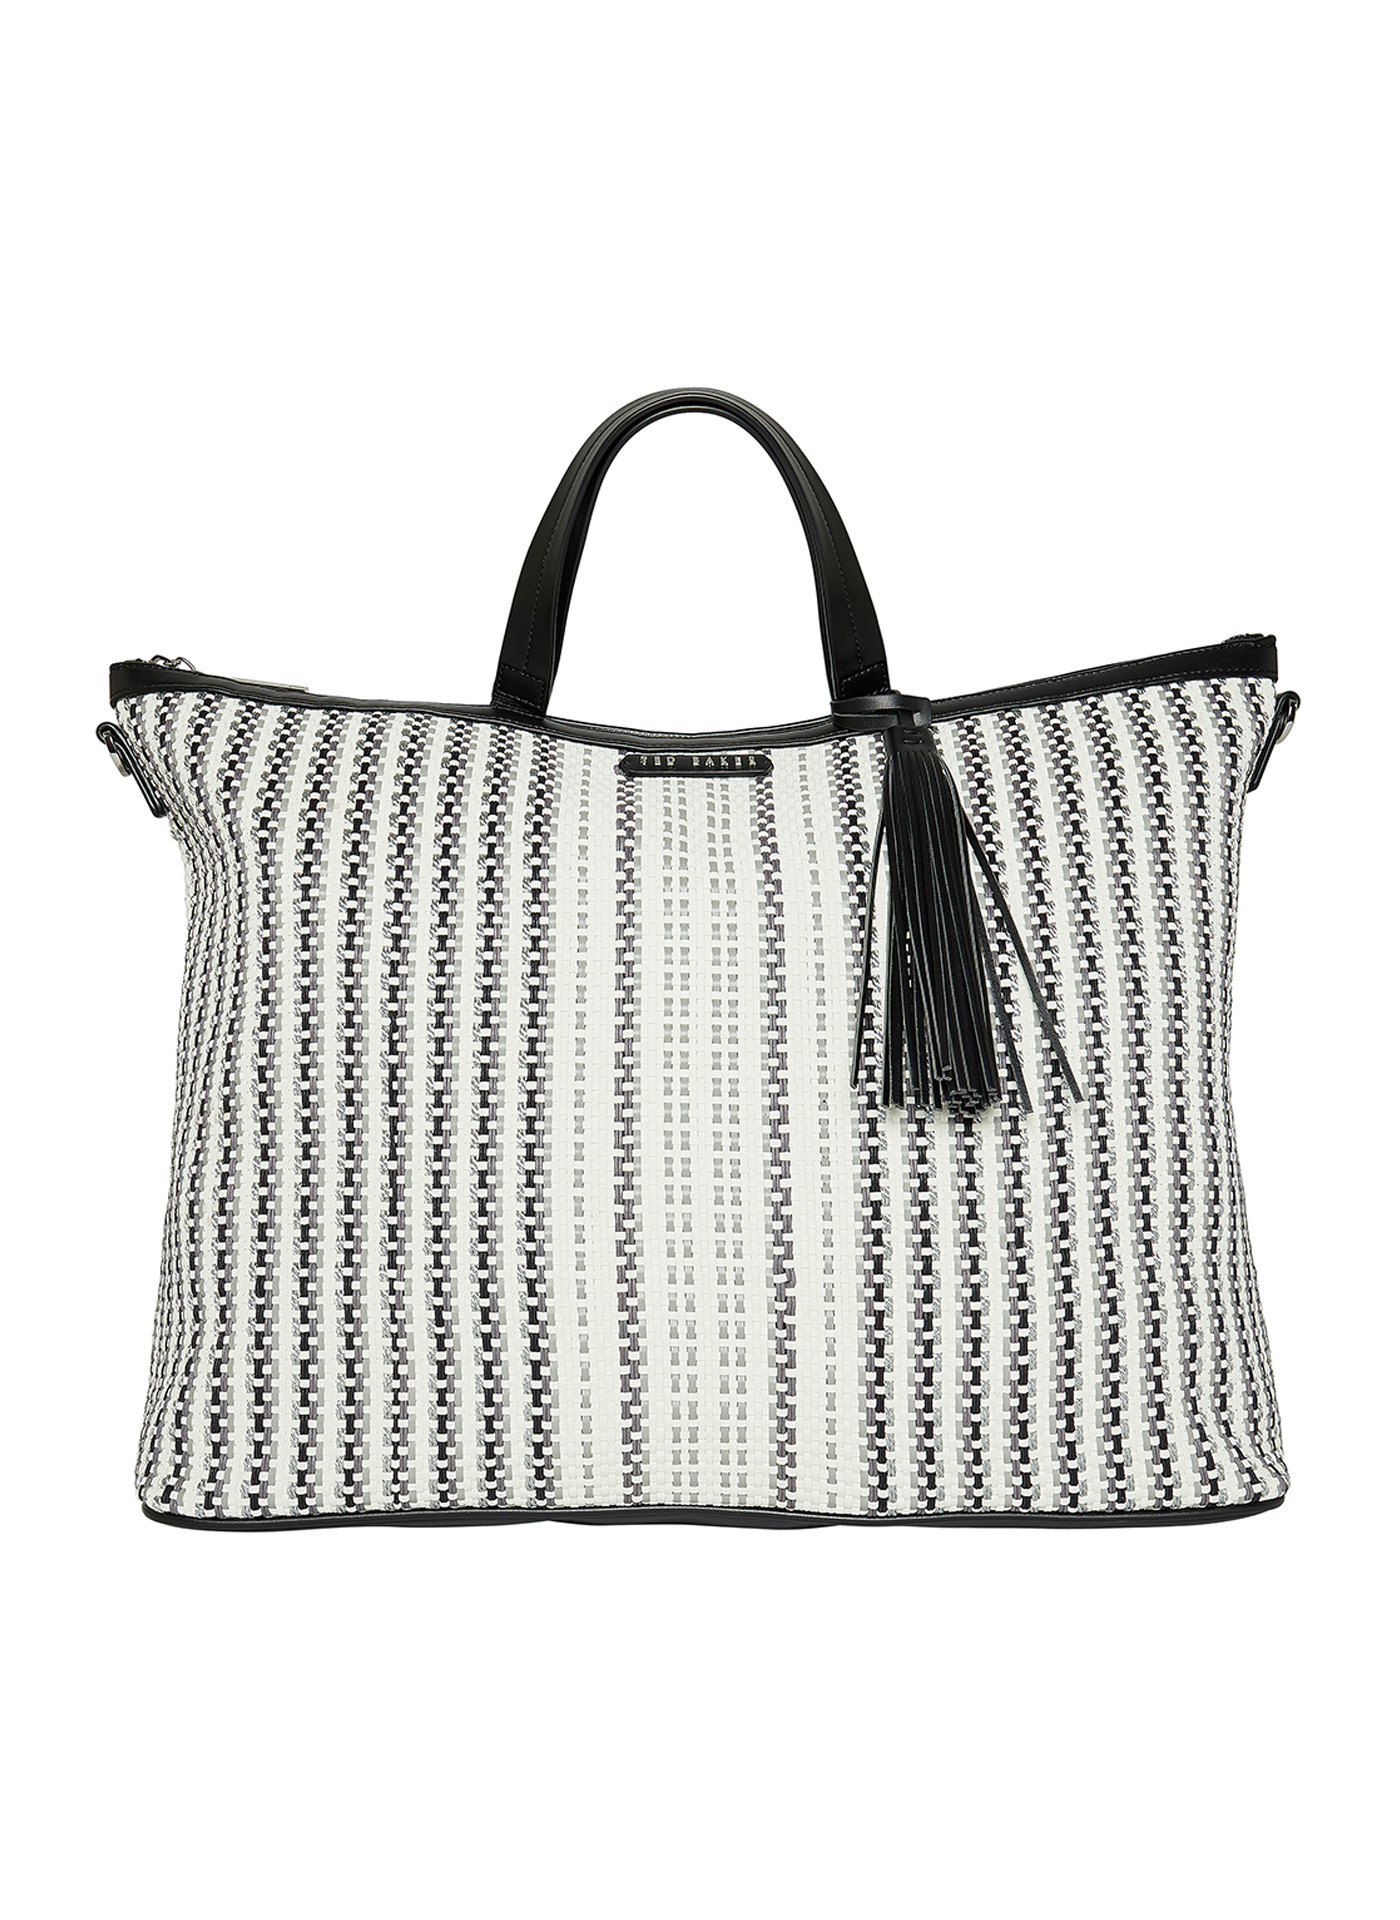 Light grey pattern Ted Baker handbag